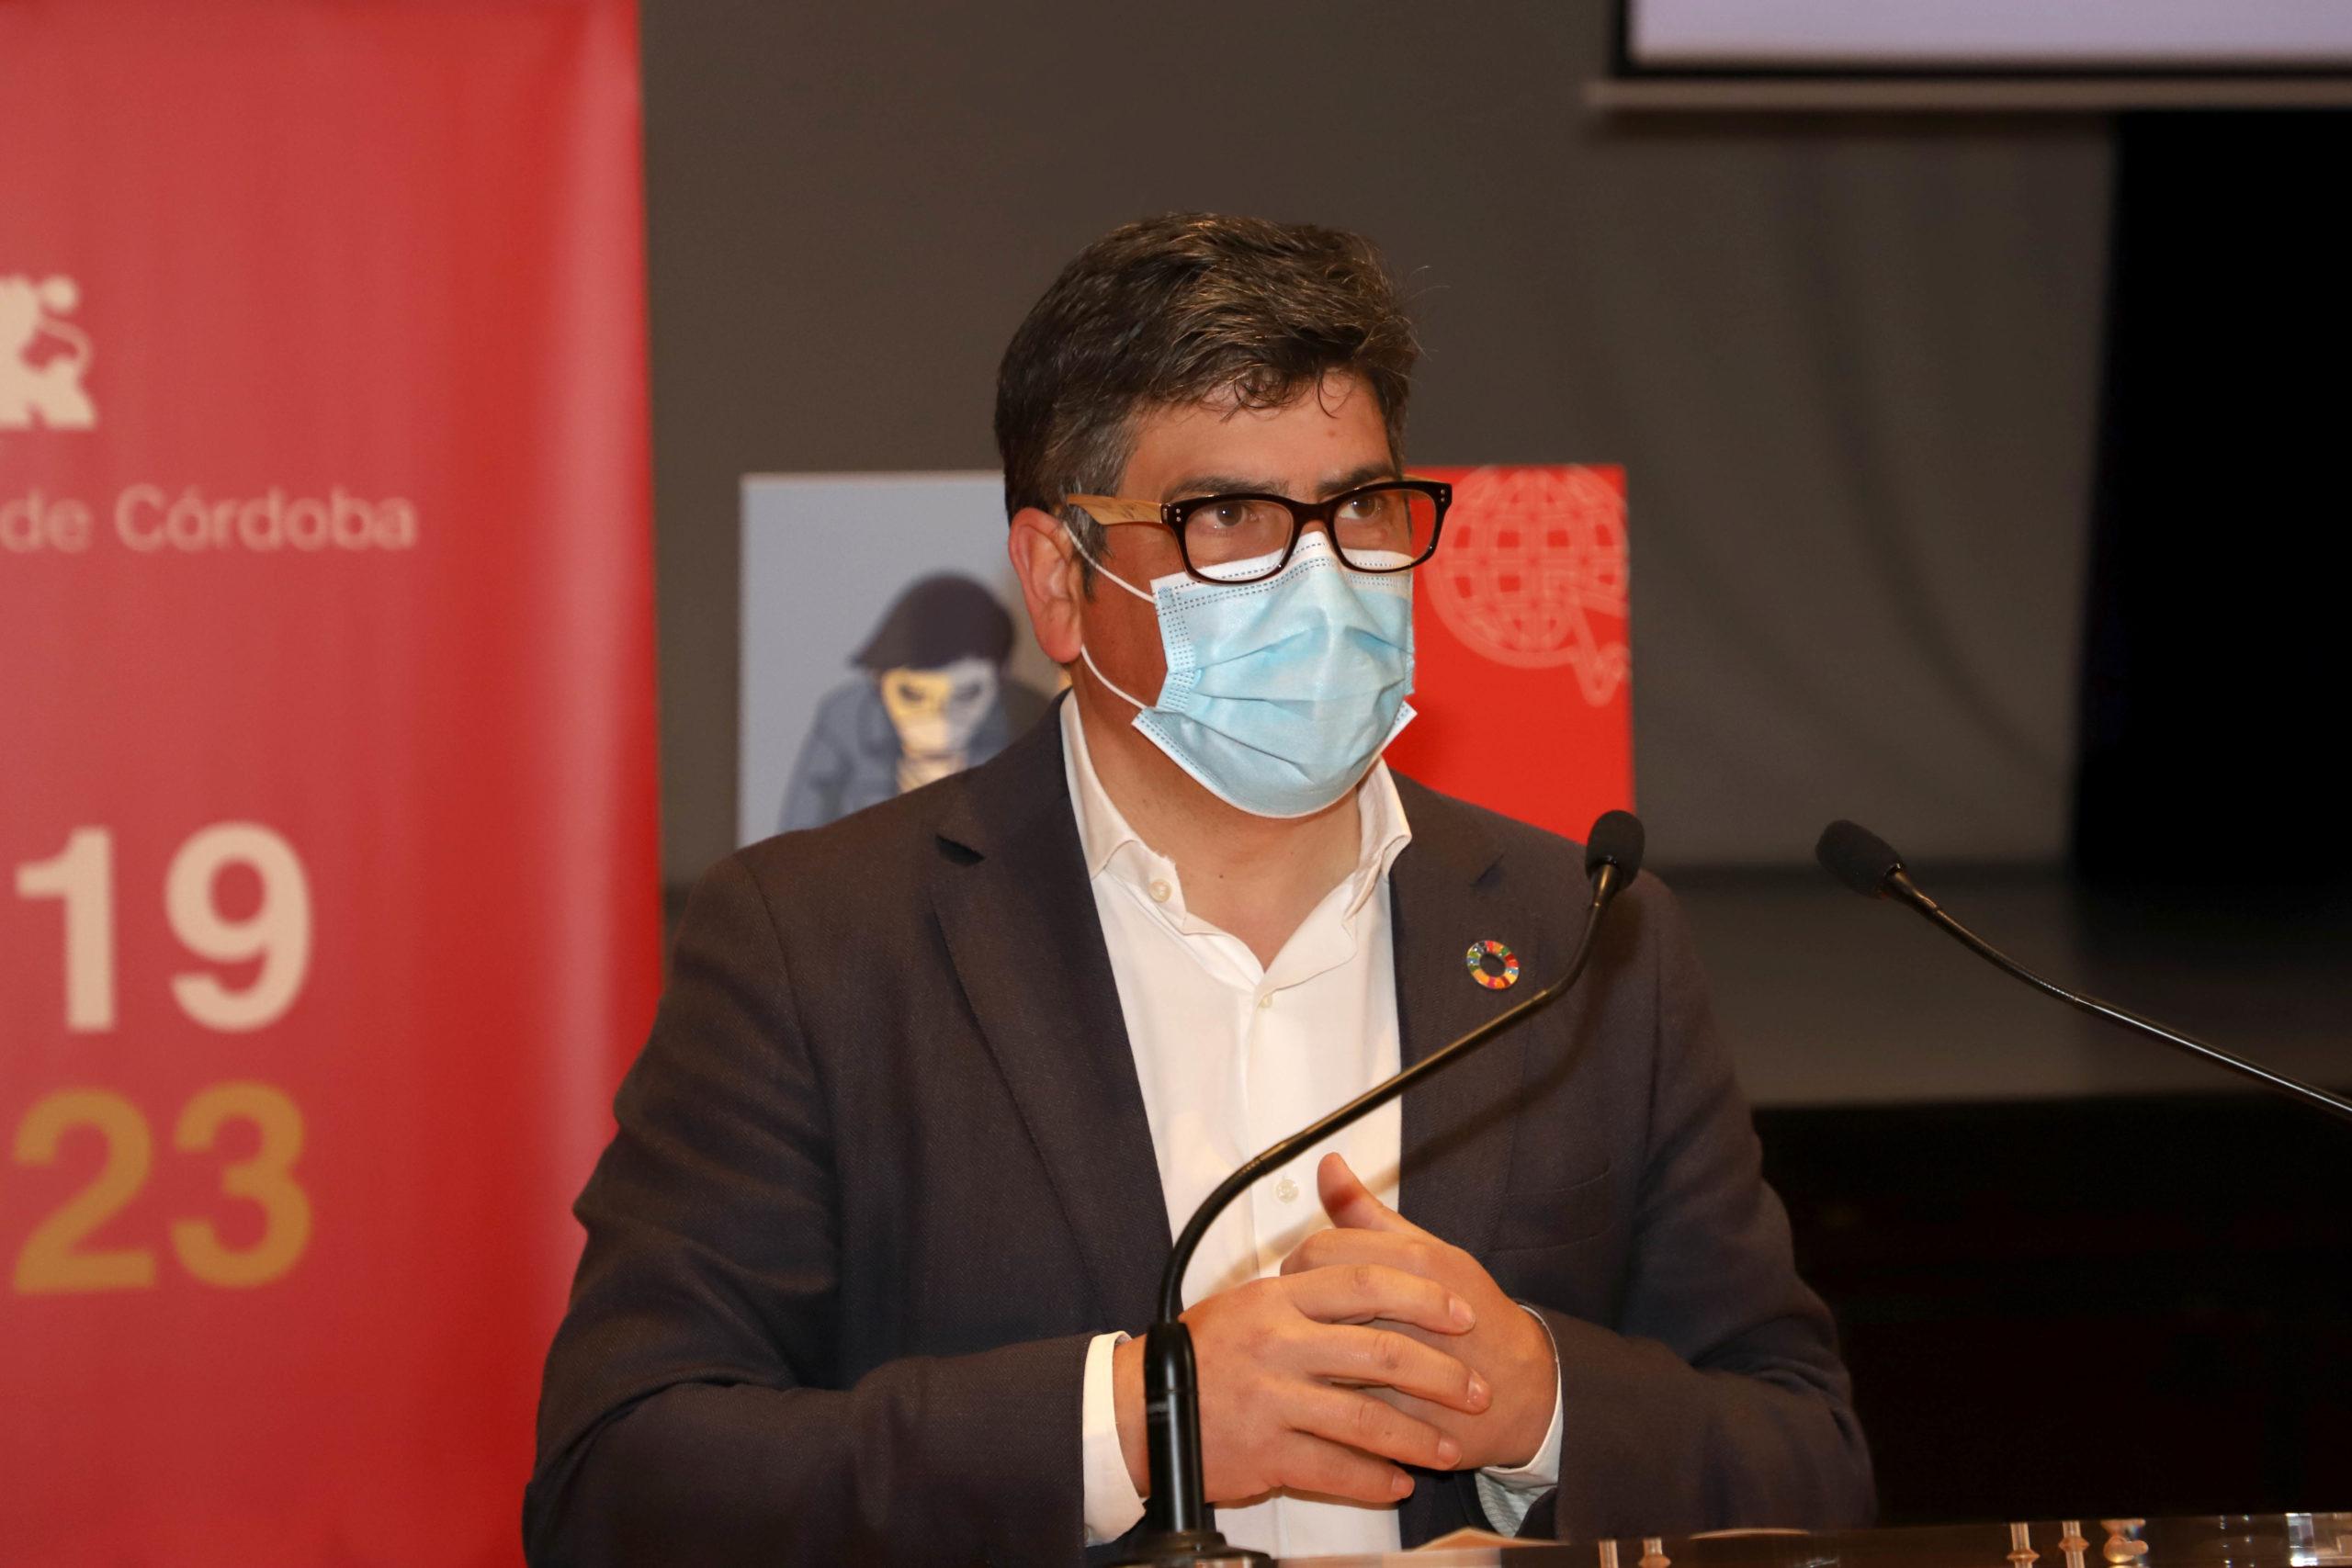 La Diputación de Córdoba lanza una campaña de podcast para informar y formar a los jóvenes sobre abusos en el consumo